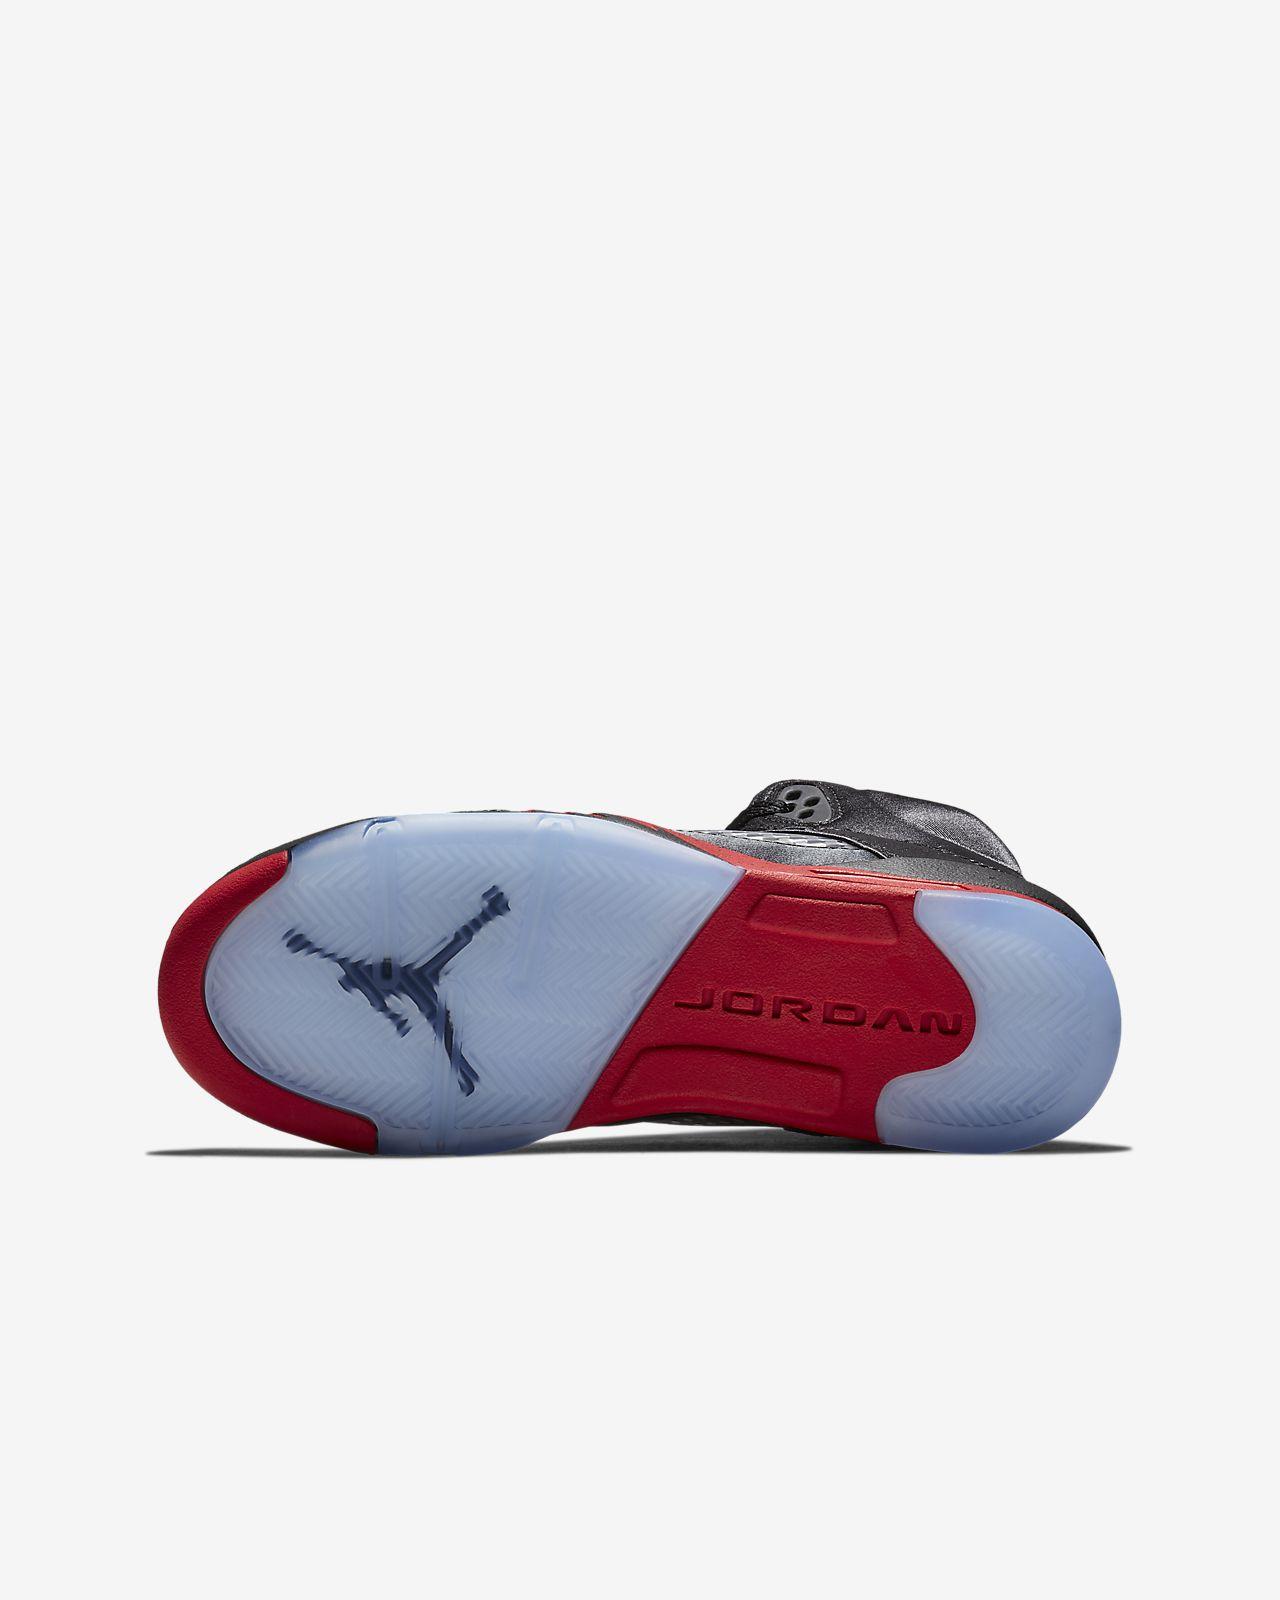 40Ca Retro Enfant Air Âgé35 Jordan 5 Chaussure Pour 5 Plus 3A54jRL